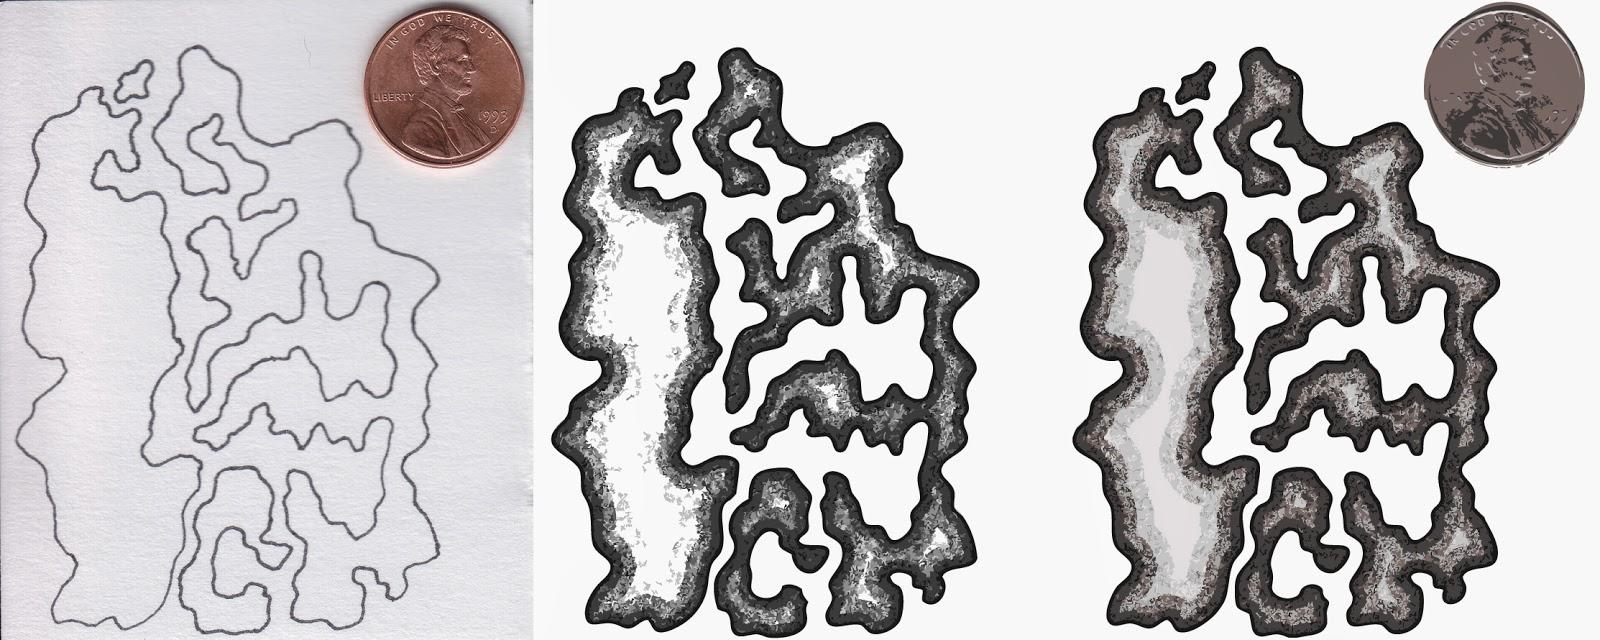 Micromaps 1 & 2